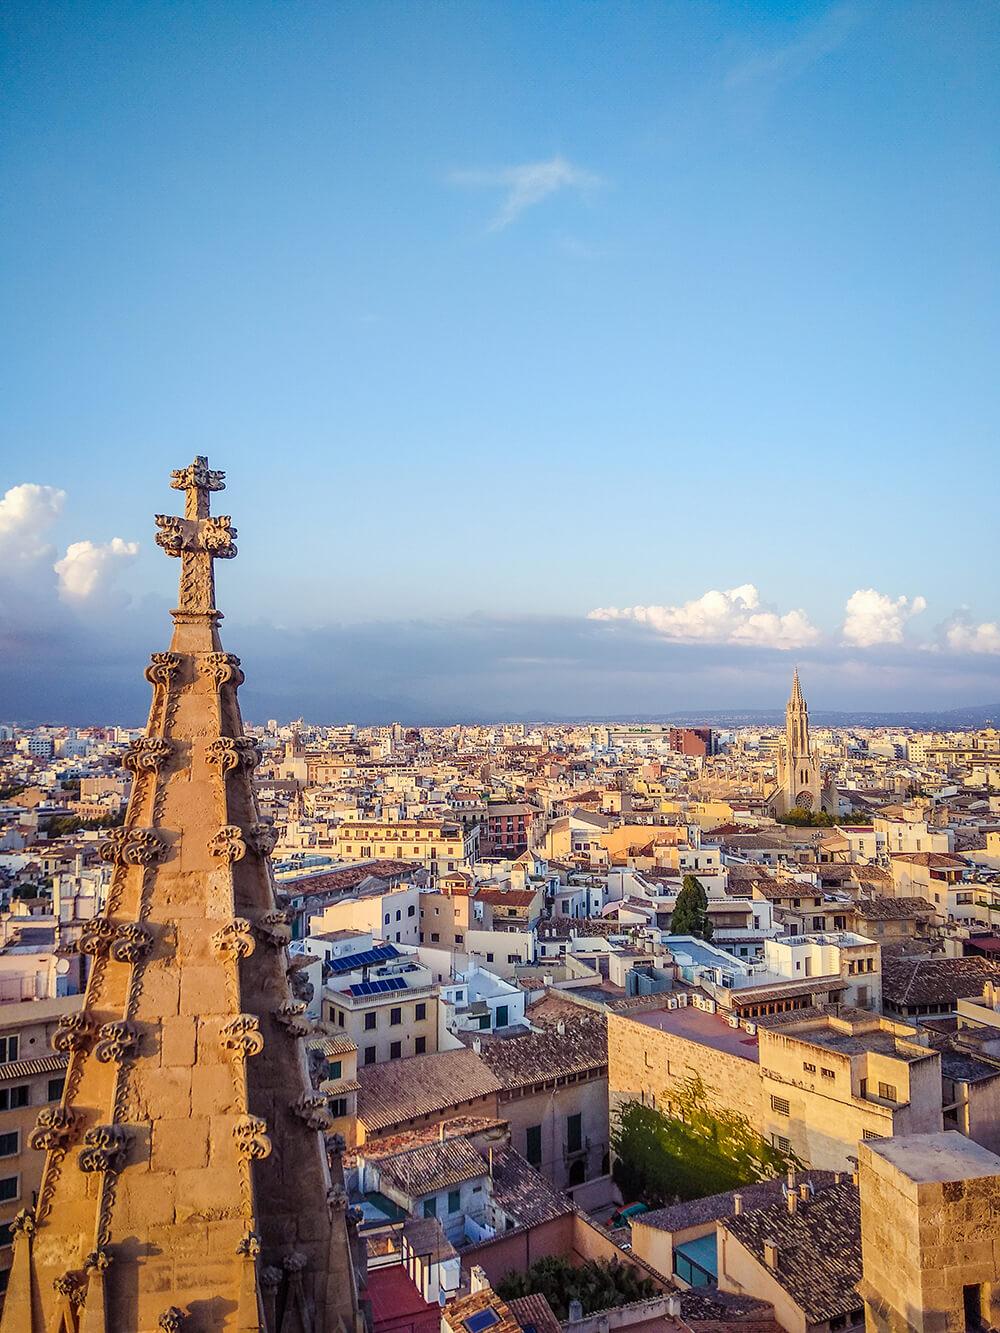 Palma-de-Mallorca-Kathedrale-La-Seu-Dach-28